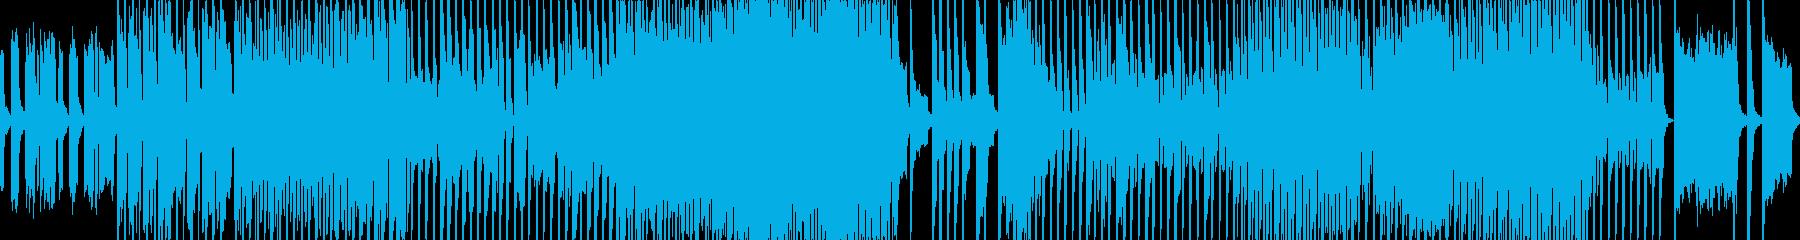 アイネクライネナハトムジーク/ポップの再生済みの波形